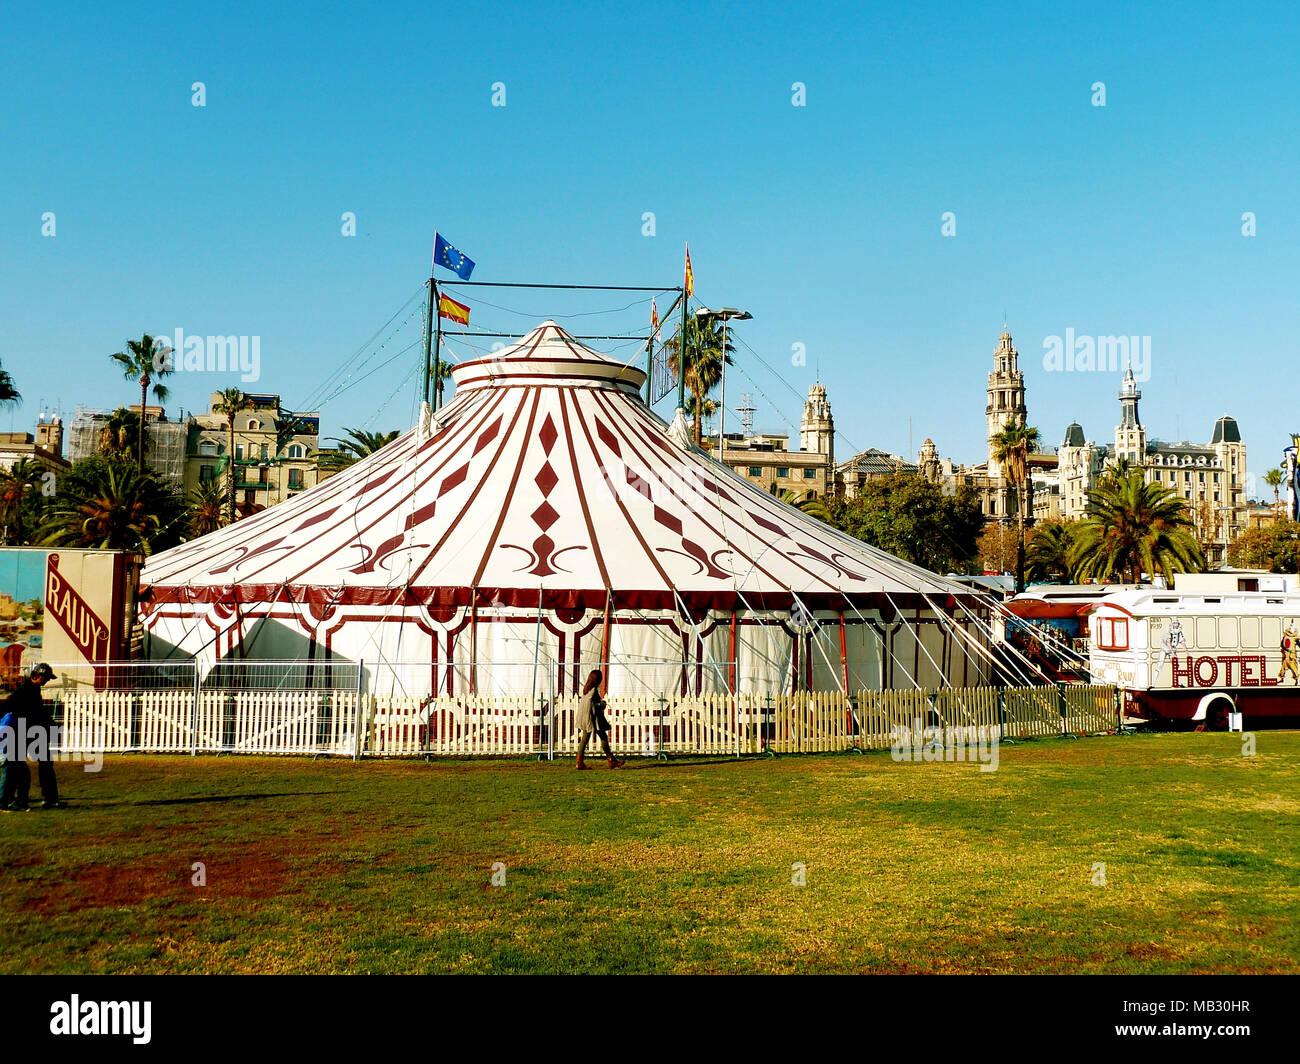 https://c8.alamy.com/compit/mb30hr/barcellona-spagna-12262012-raluy-tenda-del-circo-durante-il-loro-soggiorno-a-barcellona-mb30hr.jpg